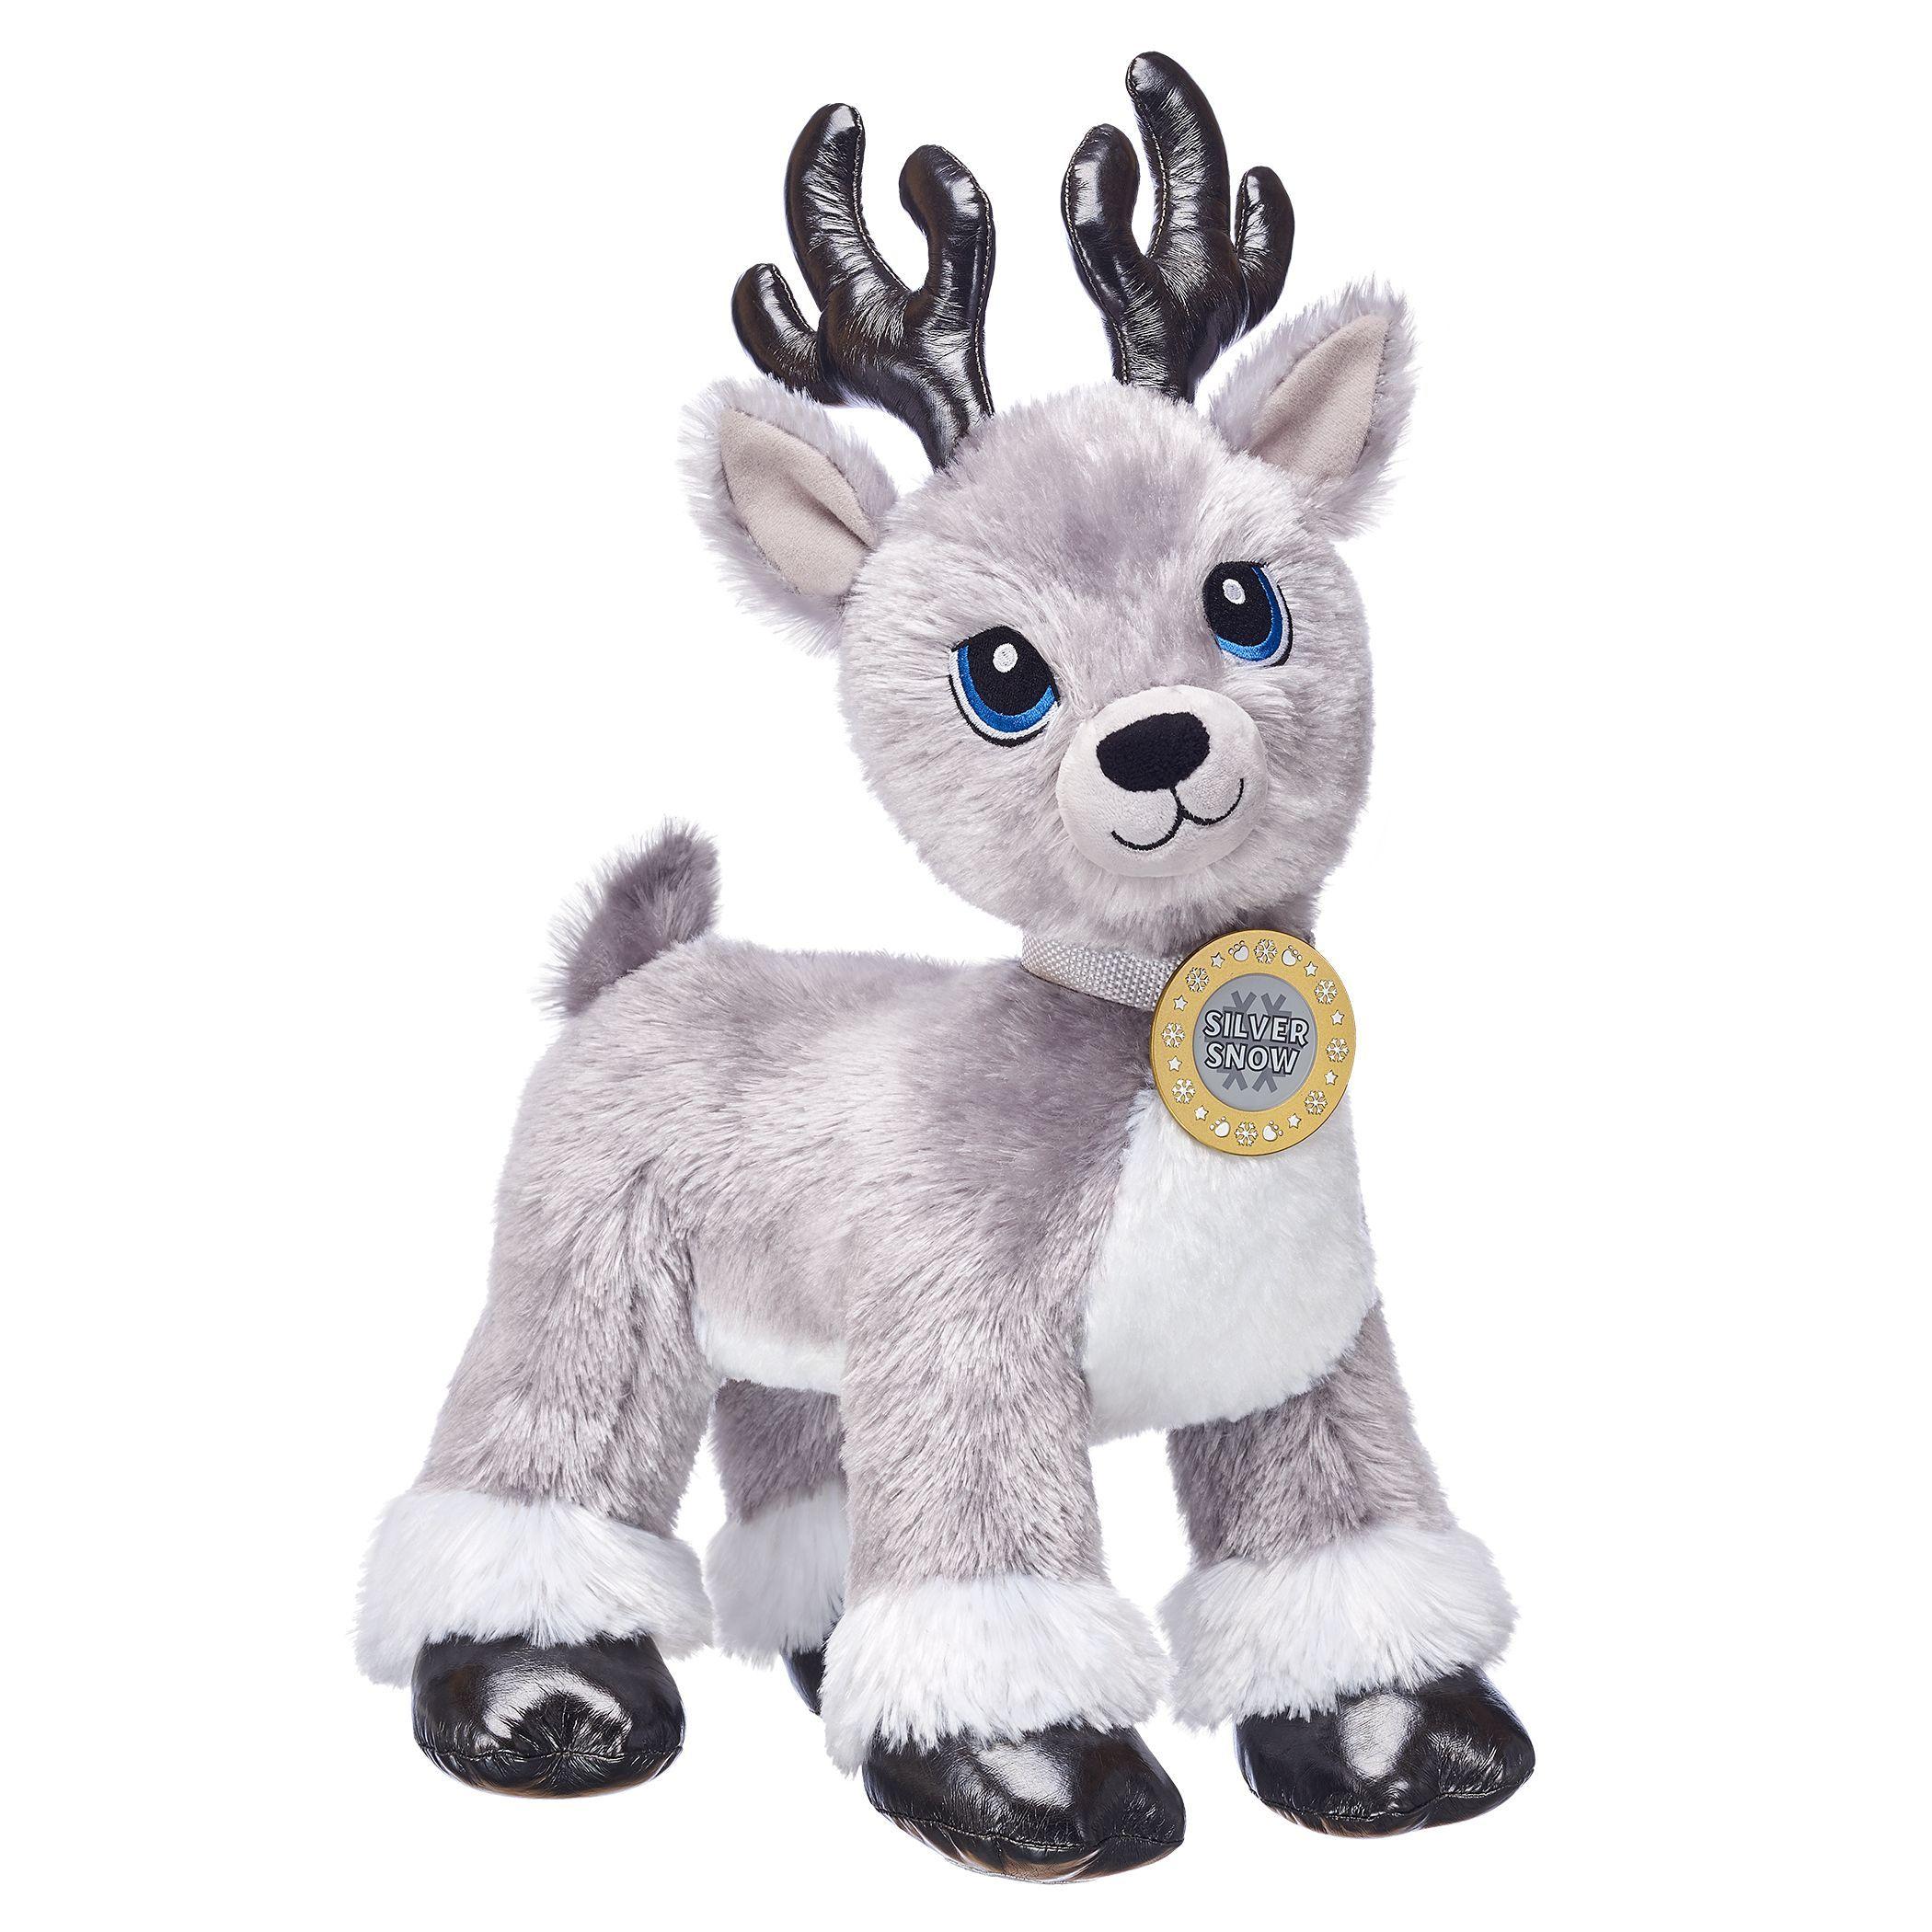 Silver Snow With Medallion Build A Bear Reindeer Build A Bear Ty Stuffed Animals